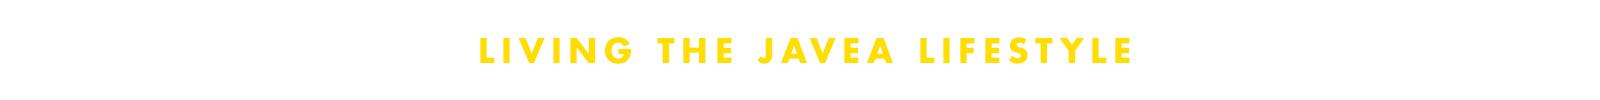 living_the_javea_lifestyle_2.jpg